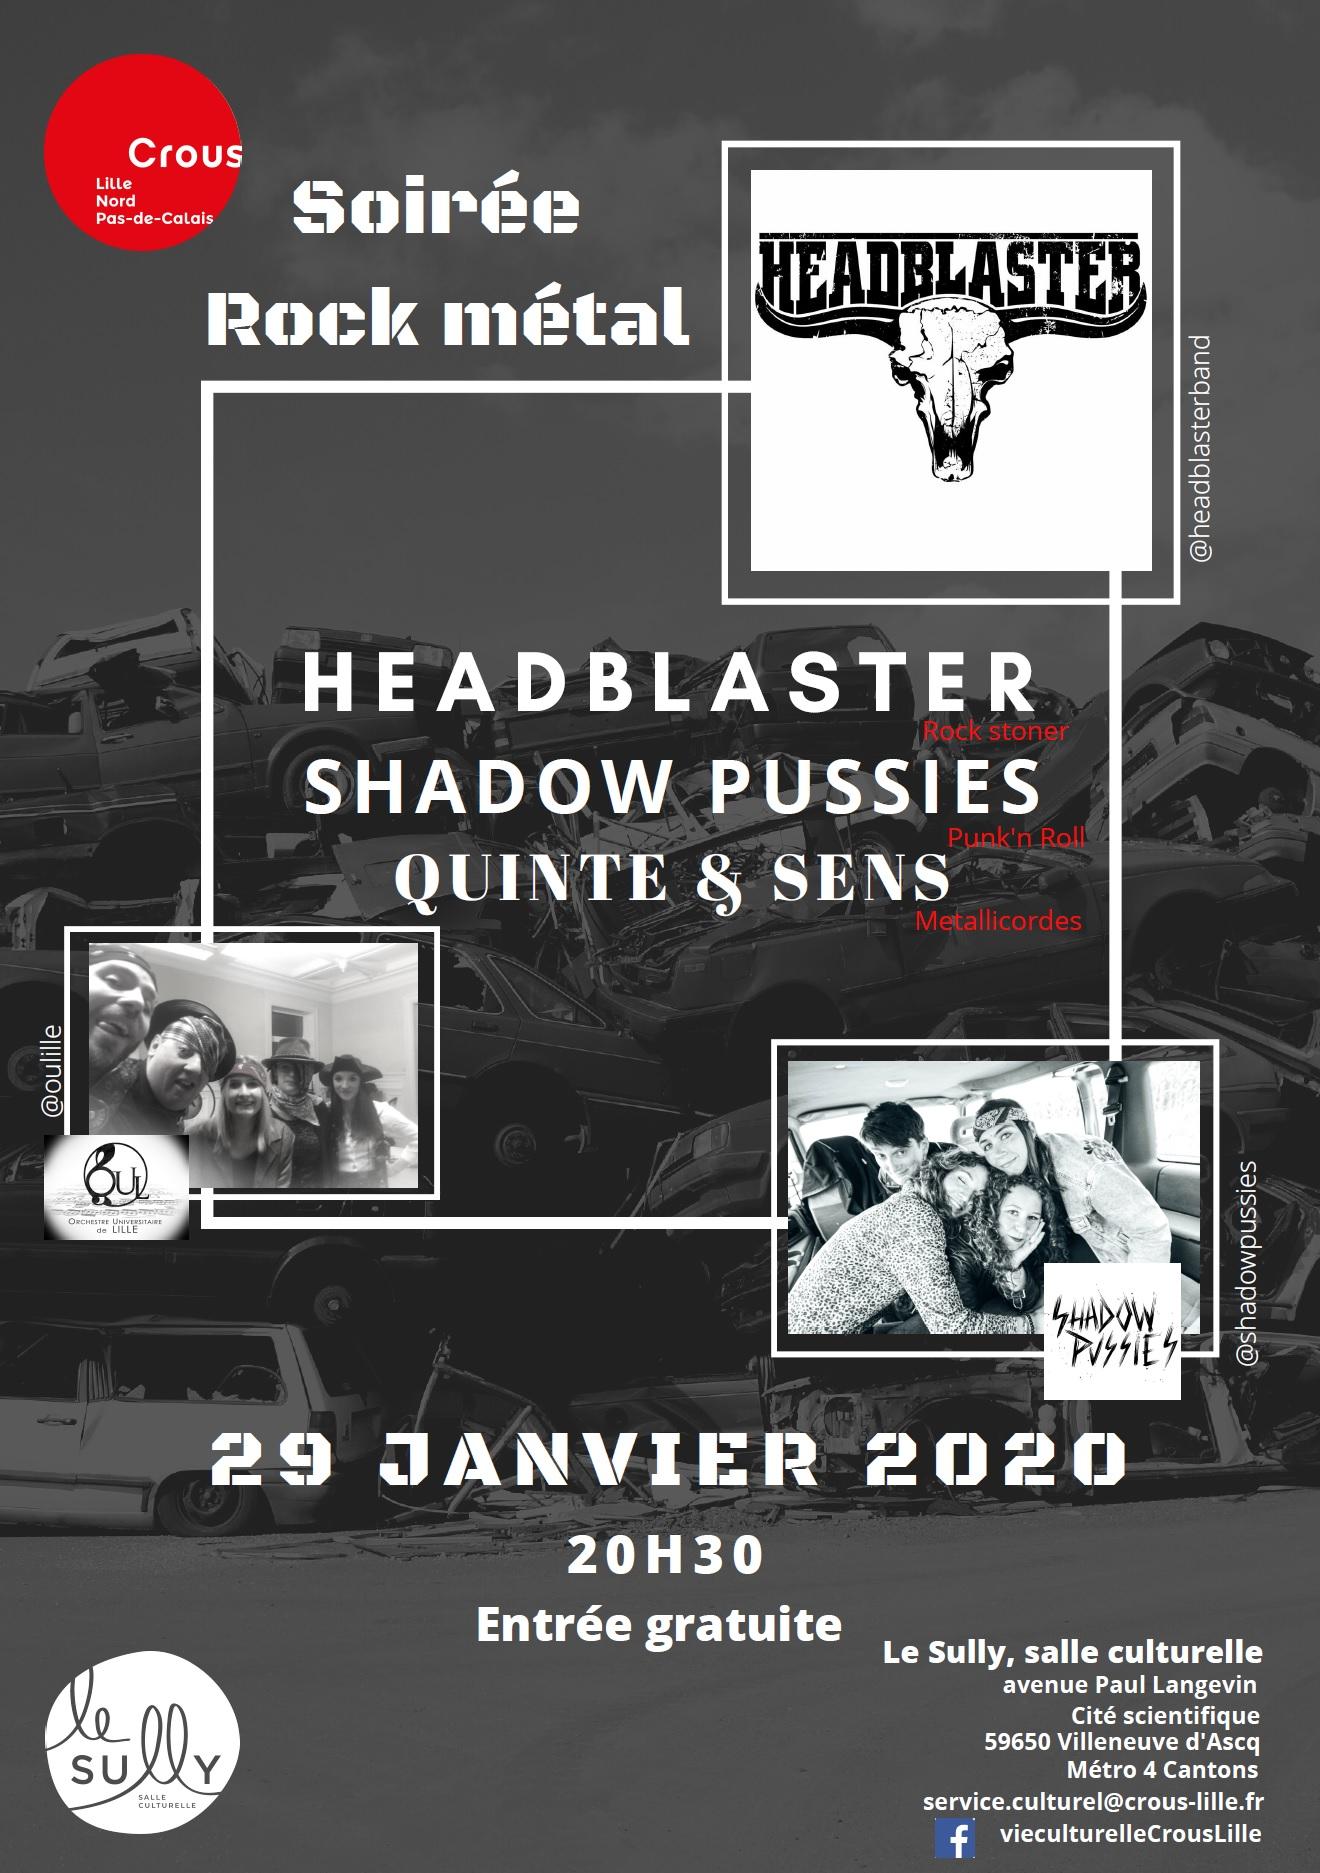 Headblaster + Shadow Pussies + Quinte & Sens